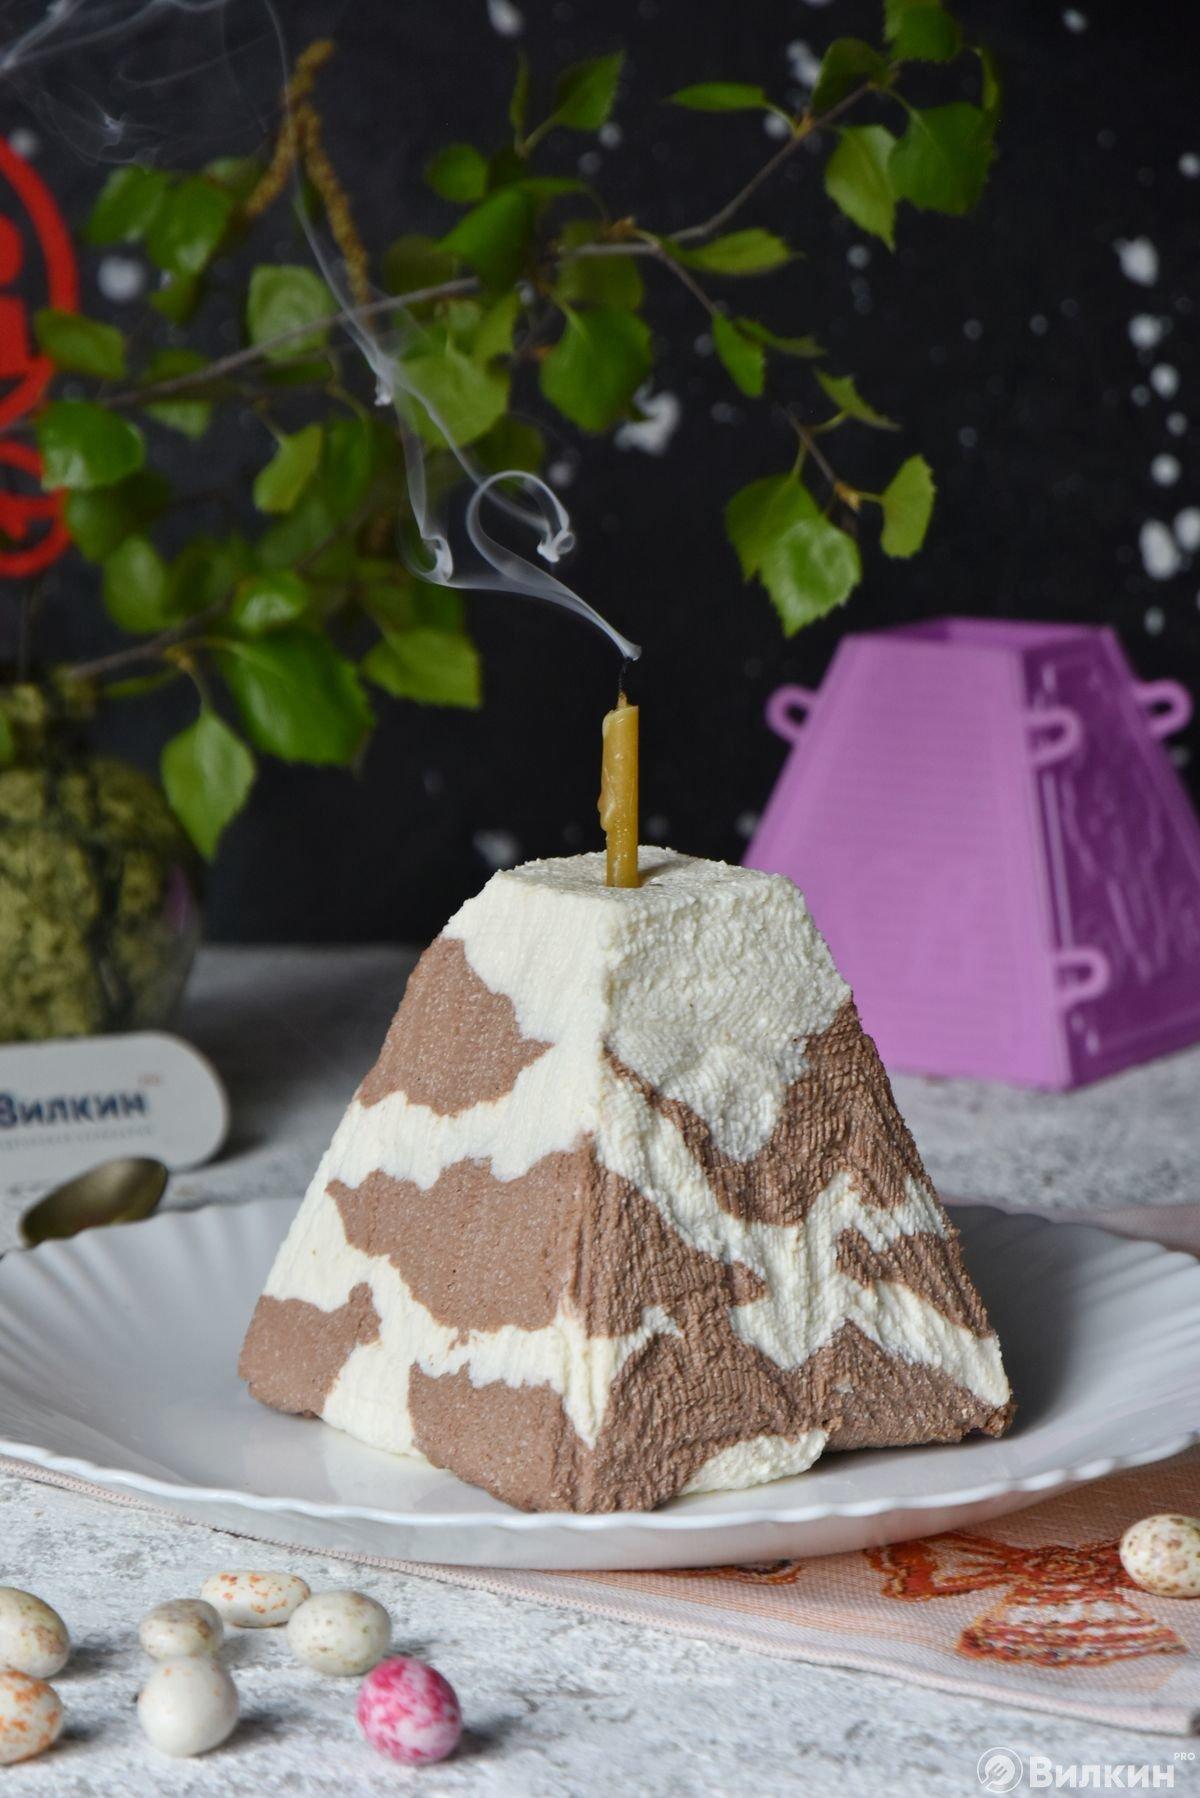 Праздничная пасха с шоколадно-ванильным вкусом